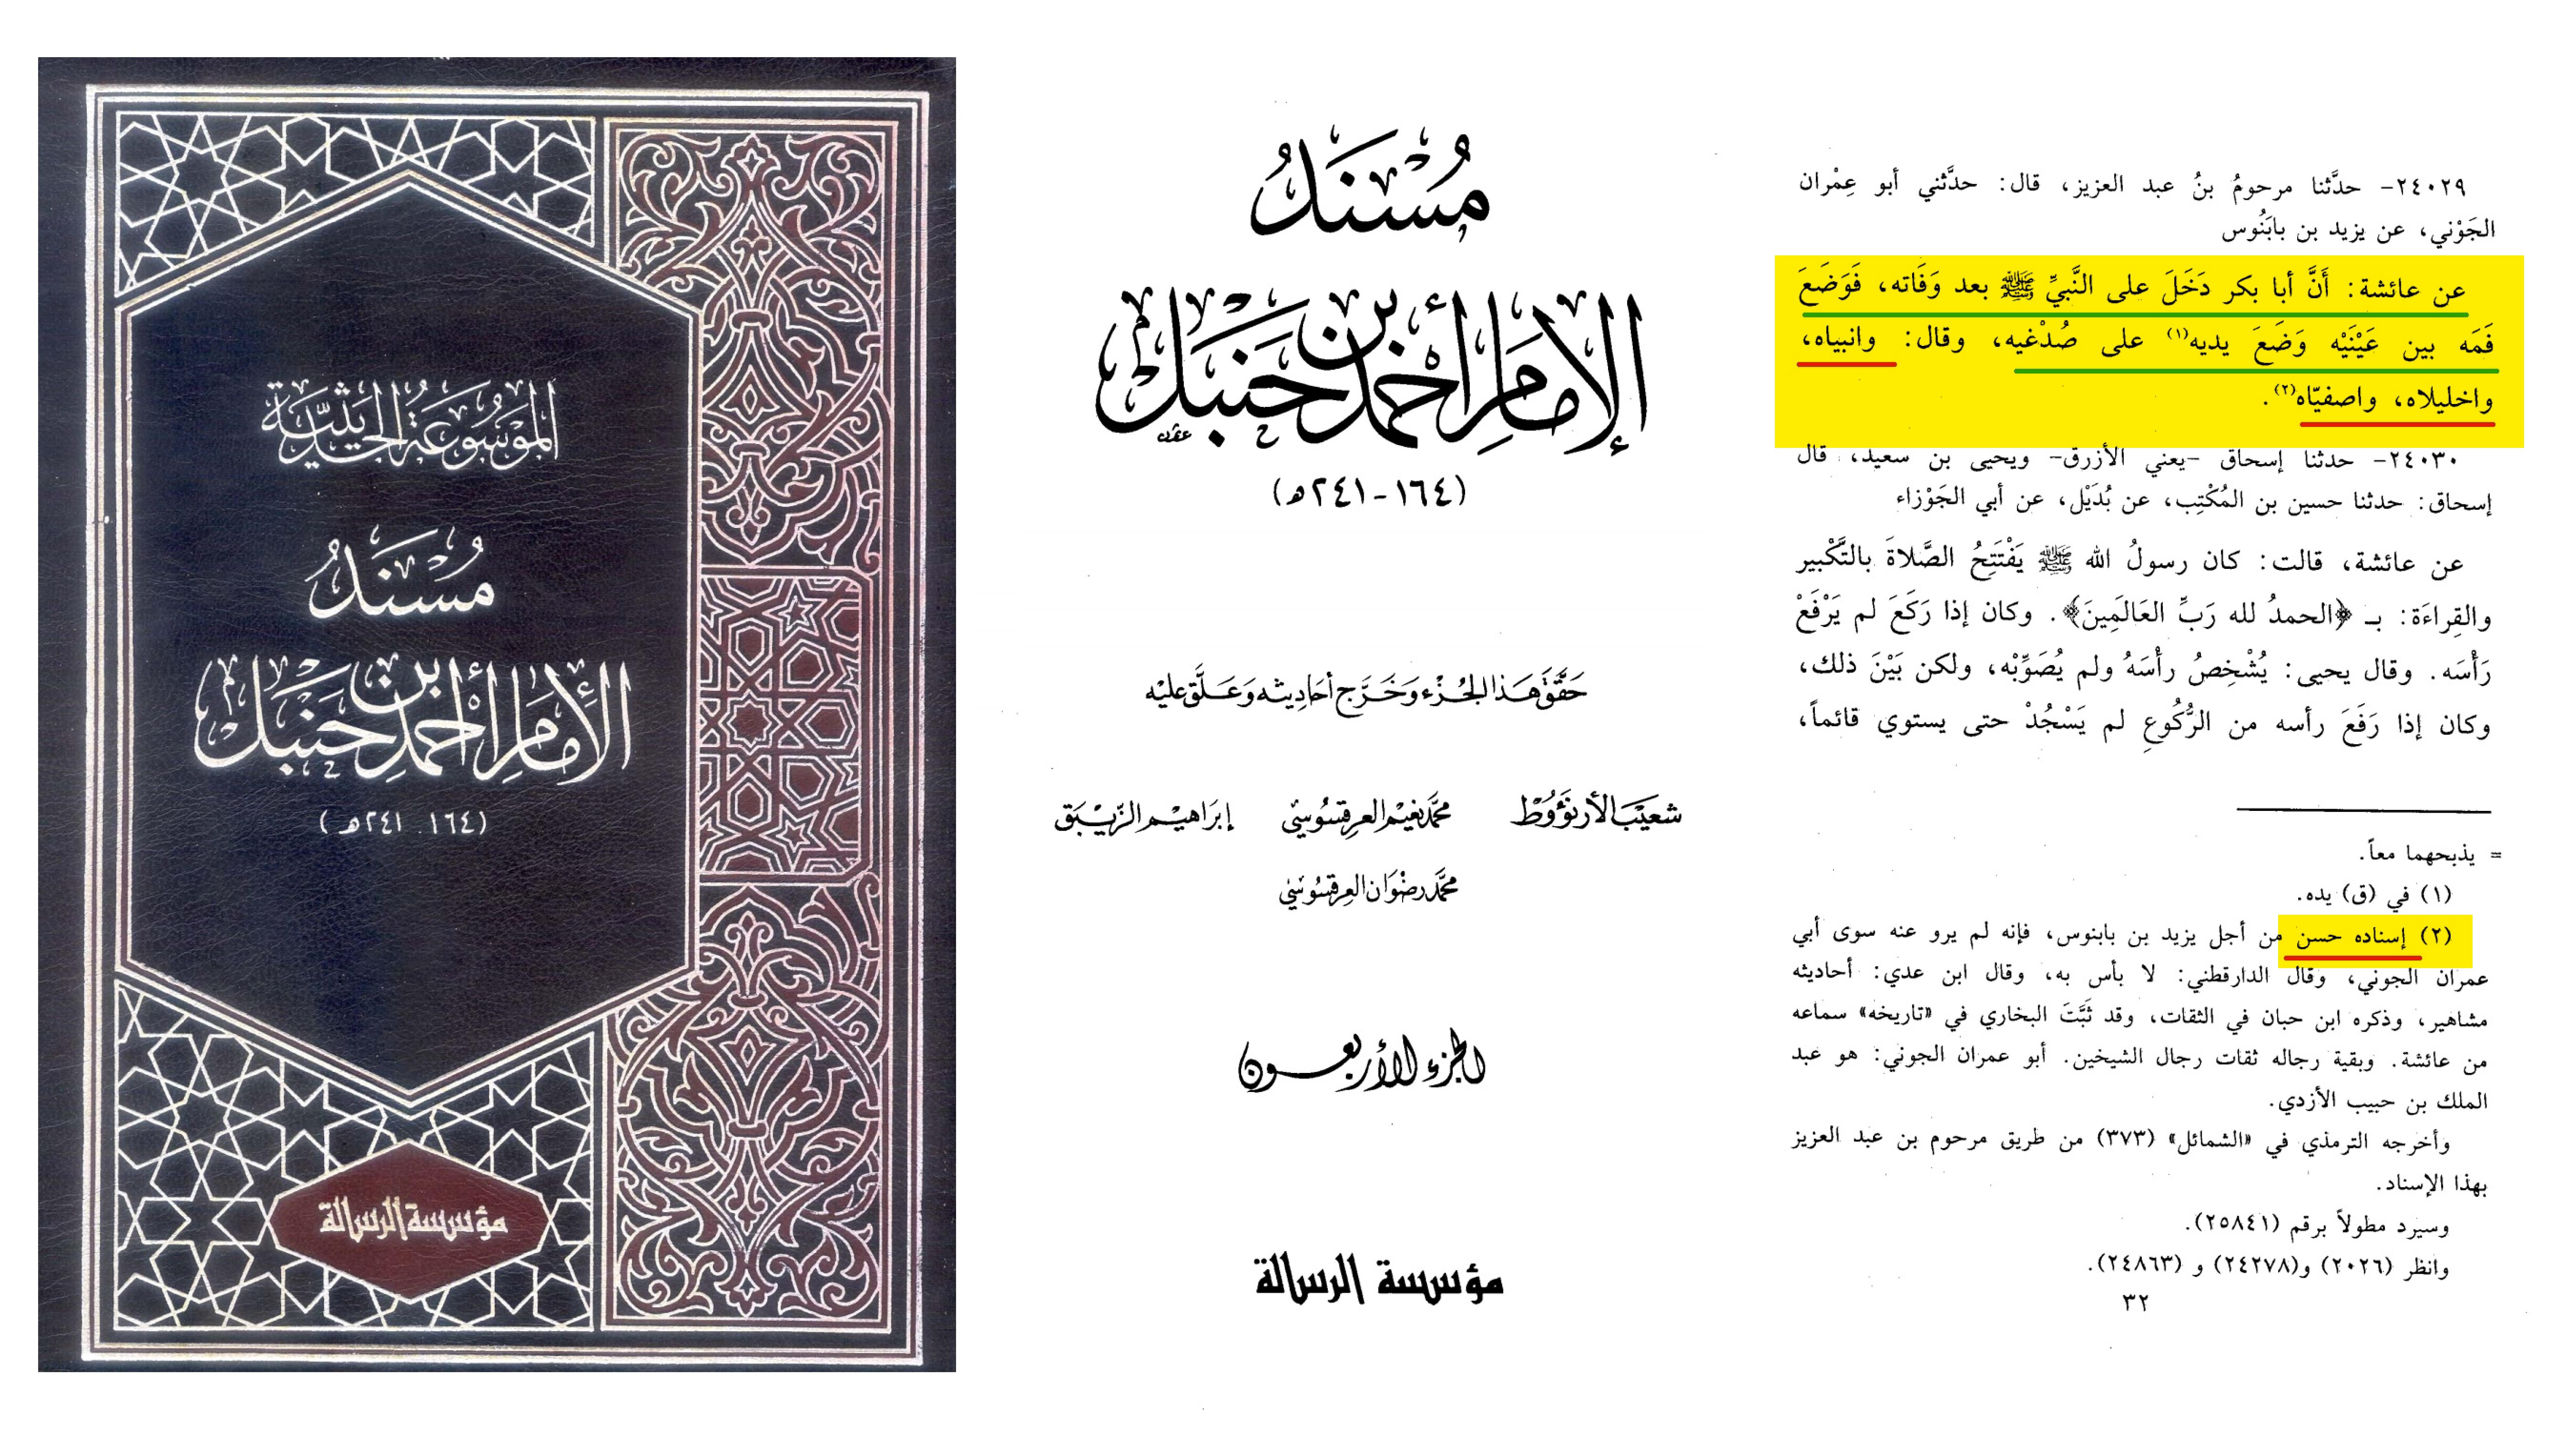 ندبه میت - نداء ابوبکر پس از وفات پیامبر(ص)